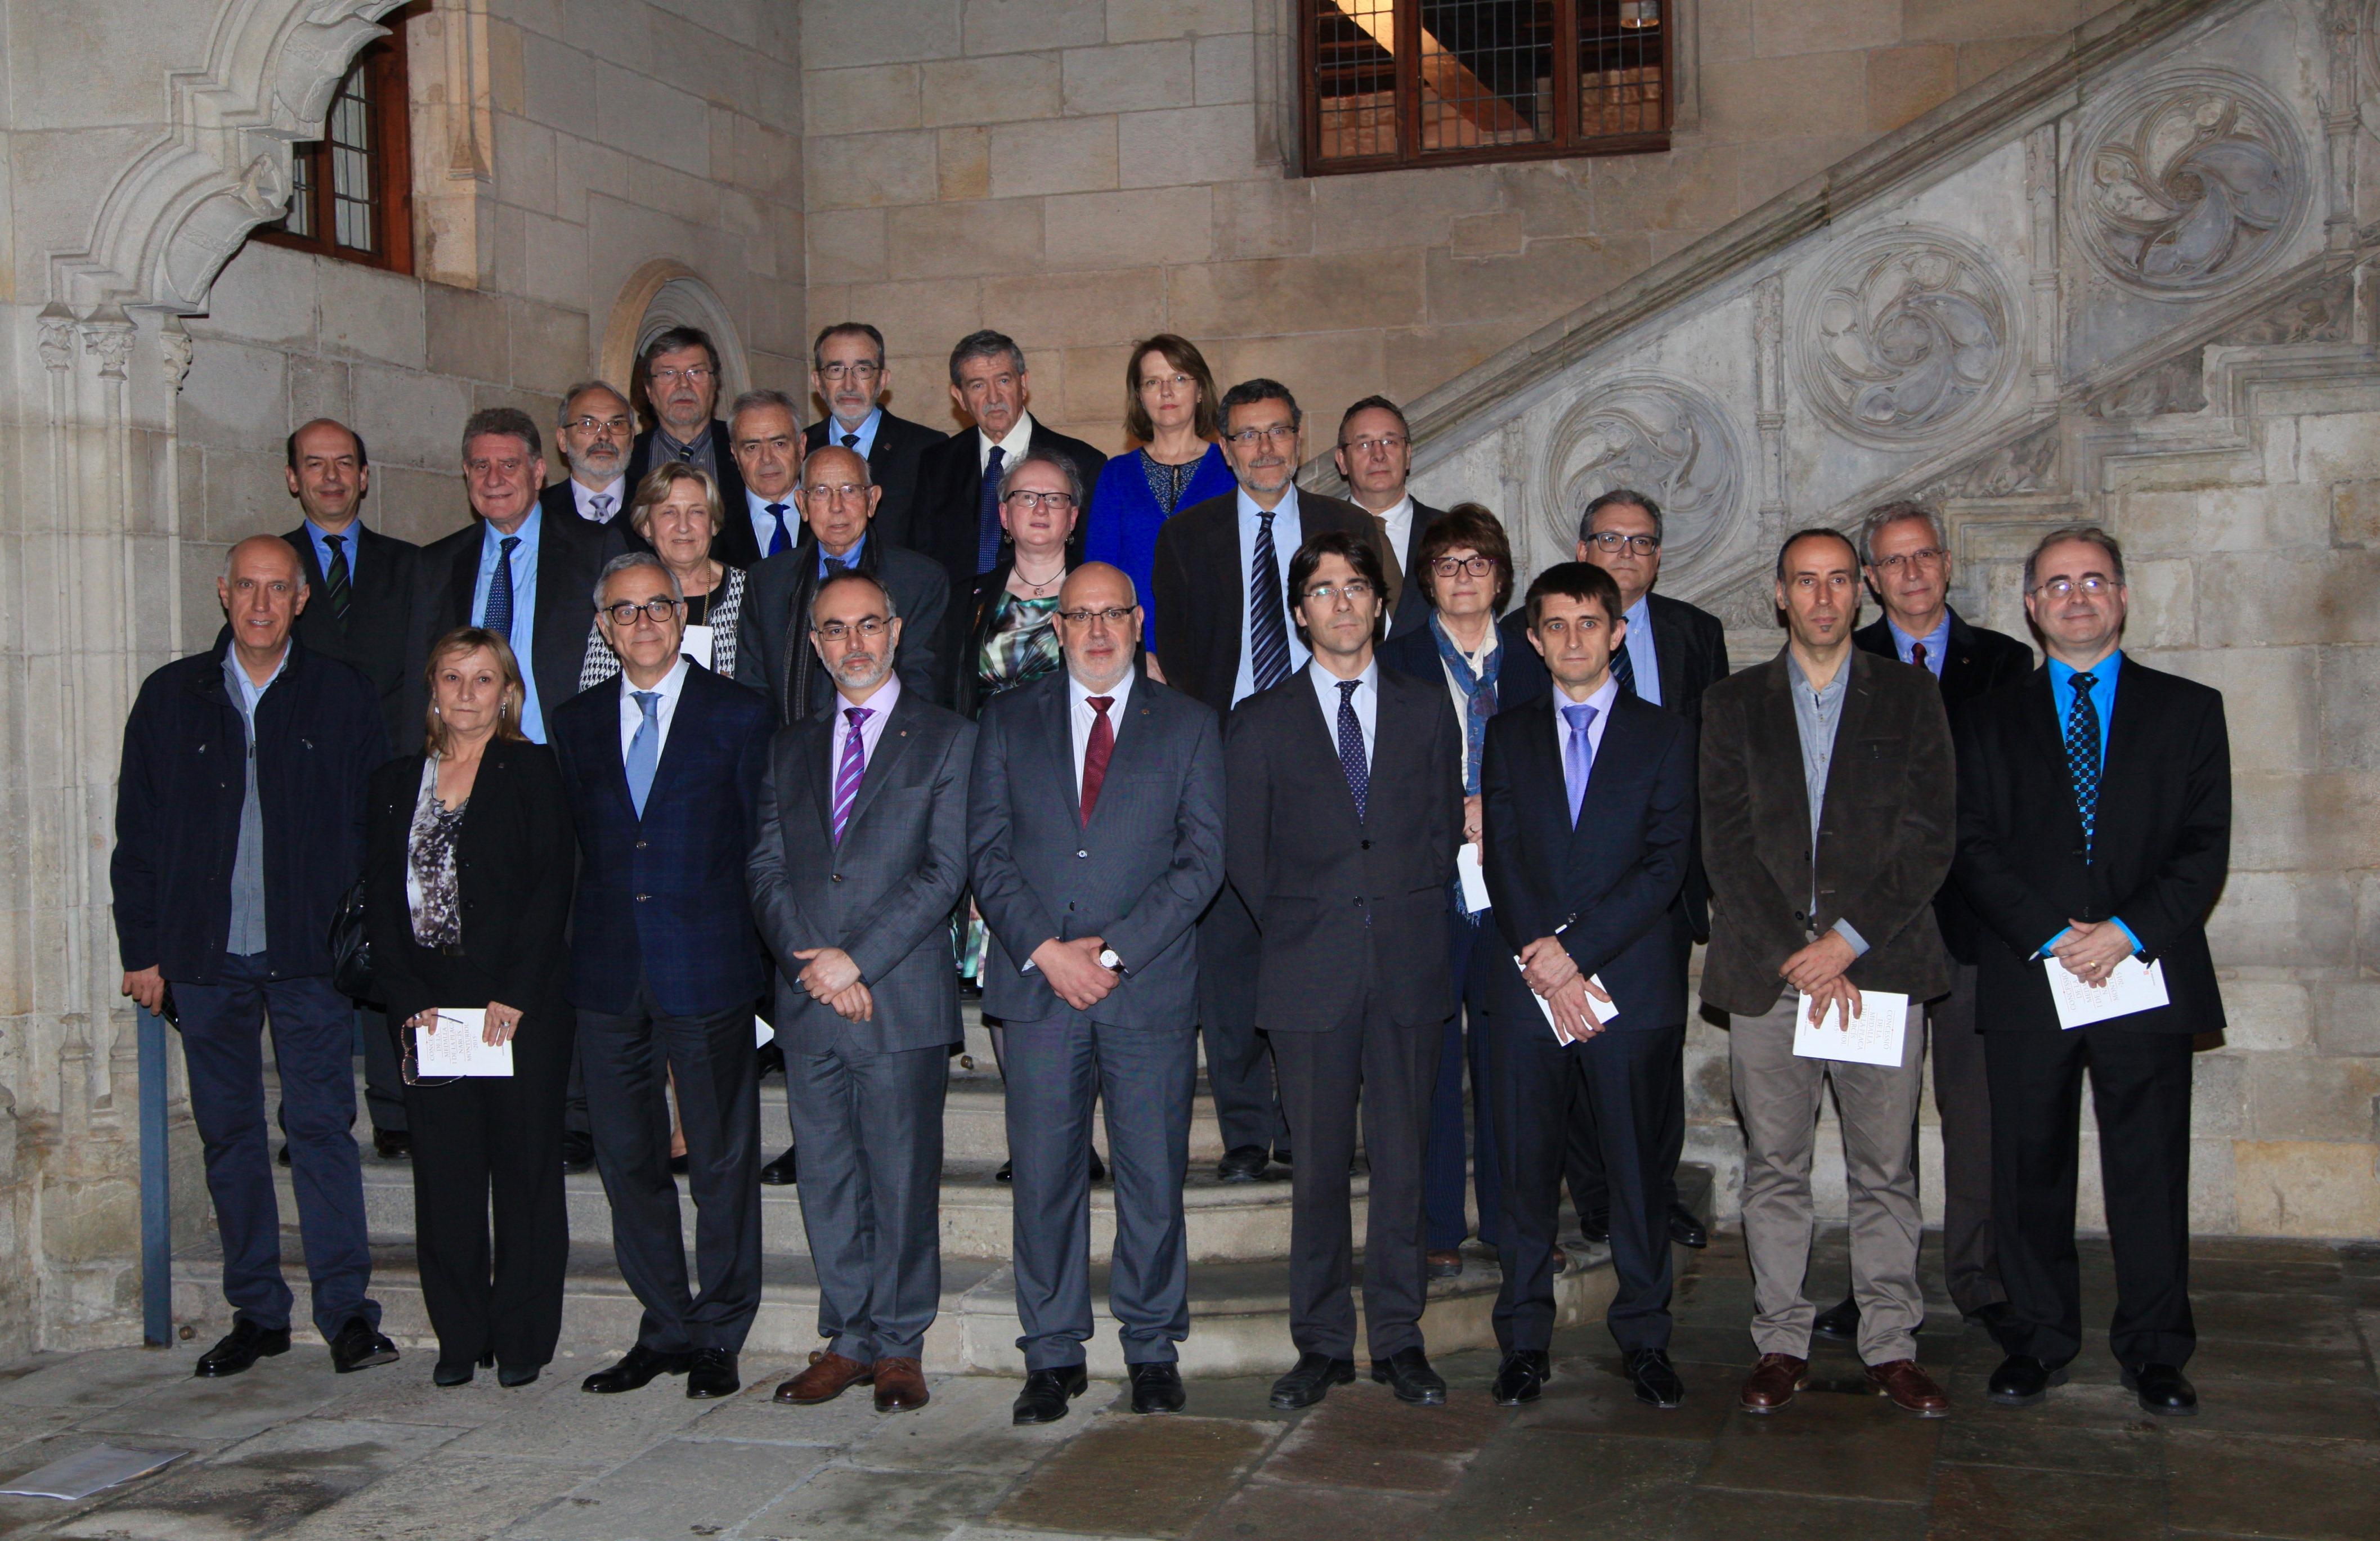 En la foto, las personas galardonadas junto con los responsables políticos universitarios, entre ellos Joan Maria Thomàs y Josep Pallarès de la URV, director general de Universidades.